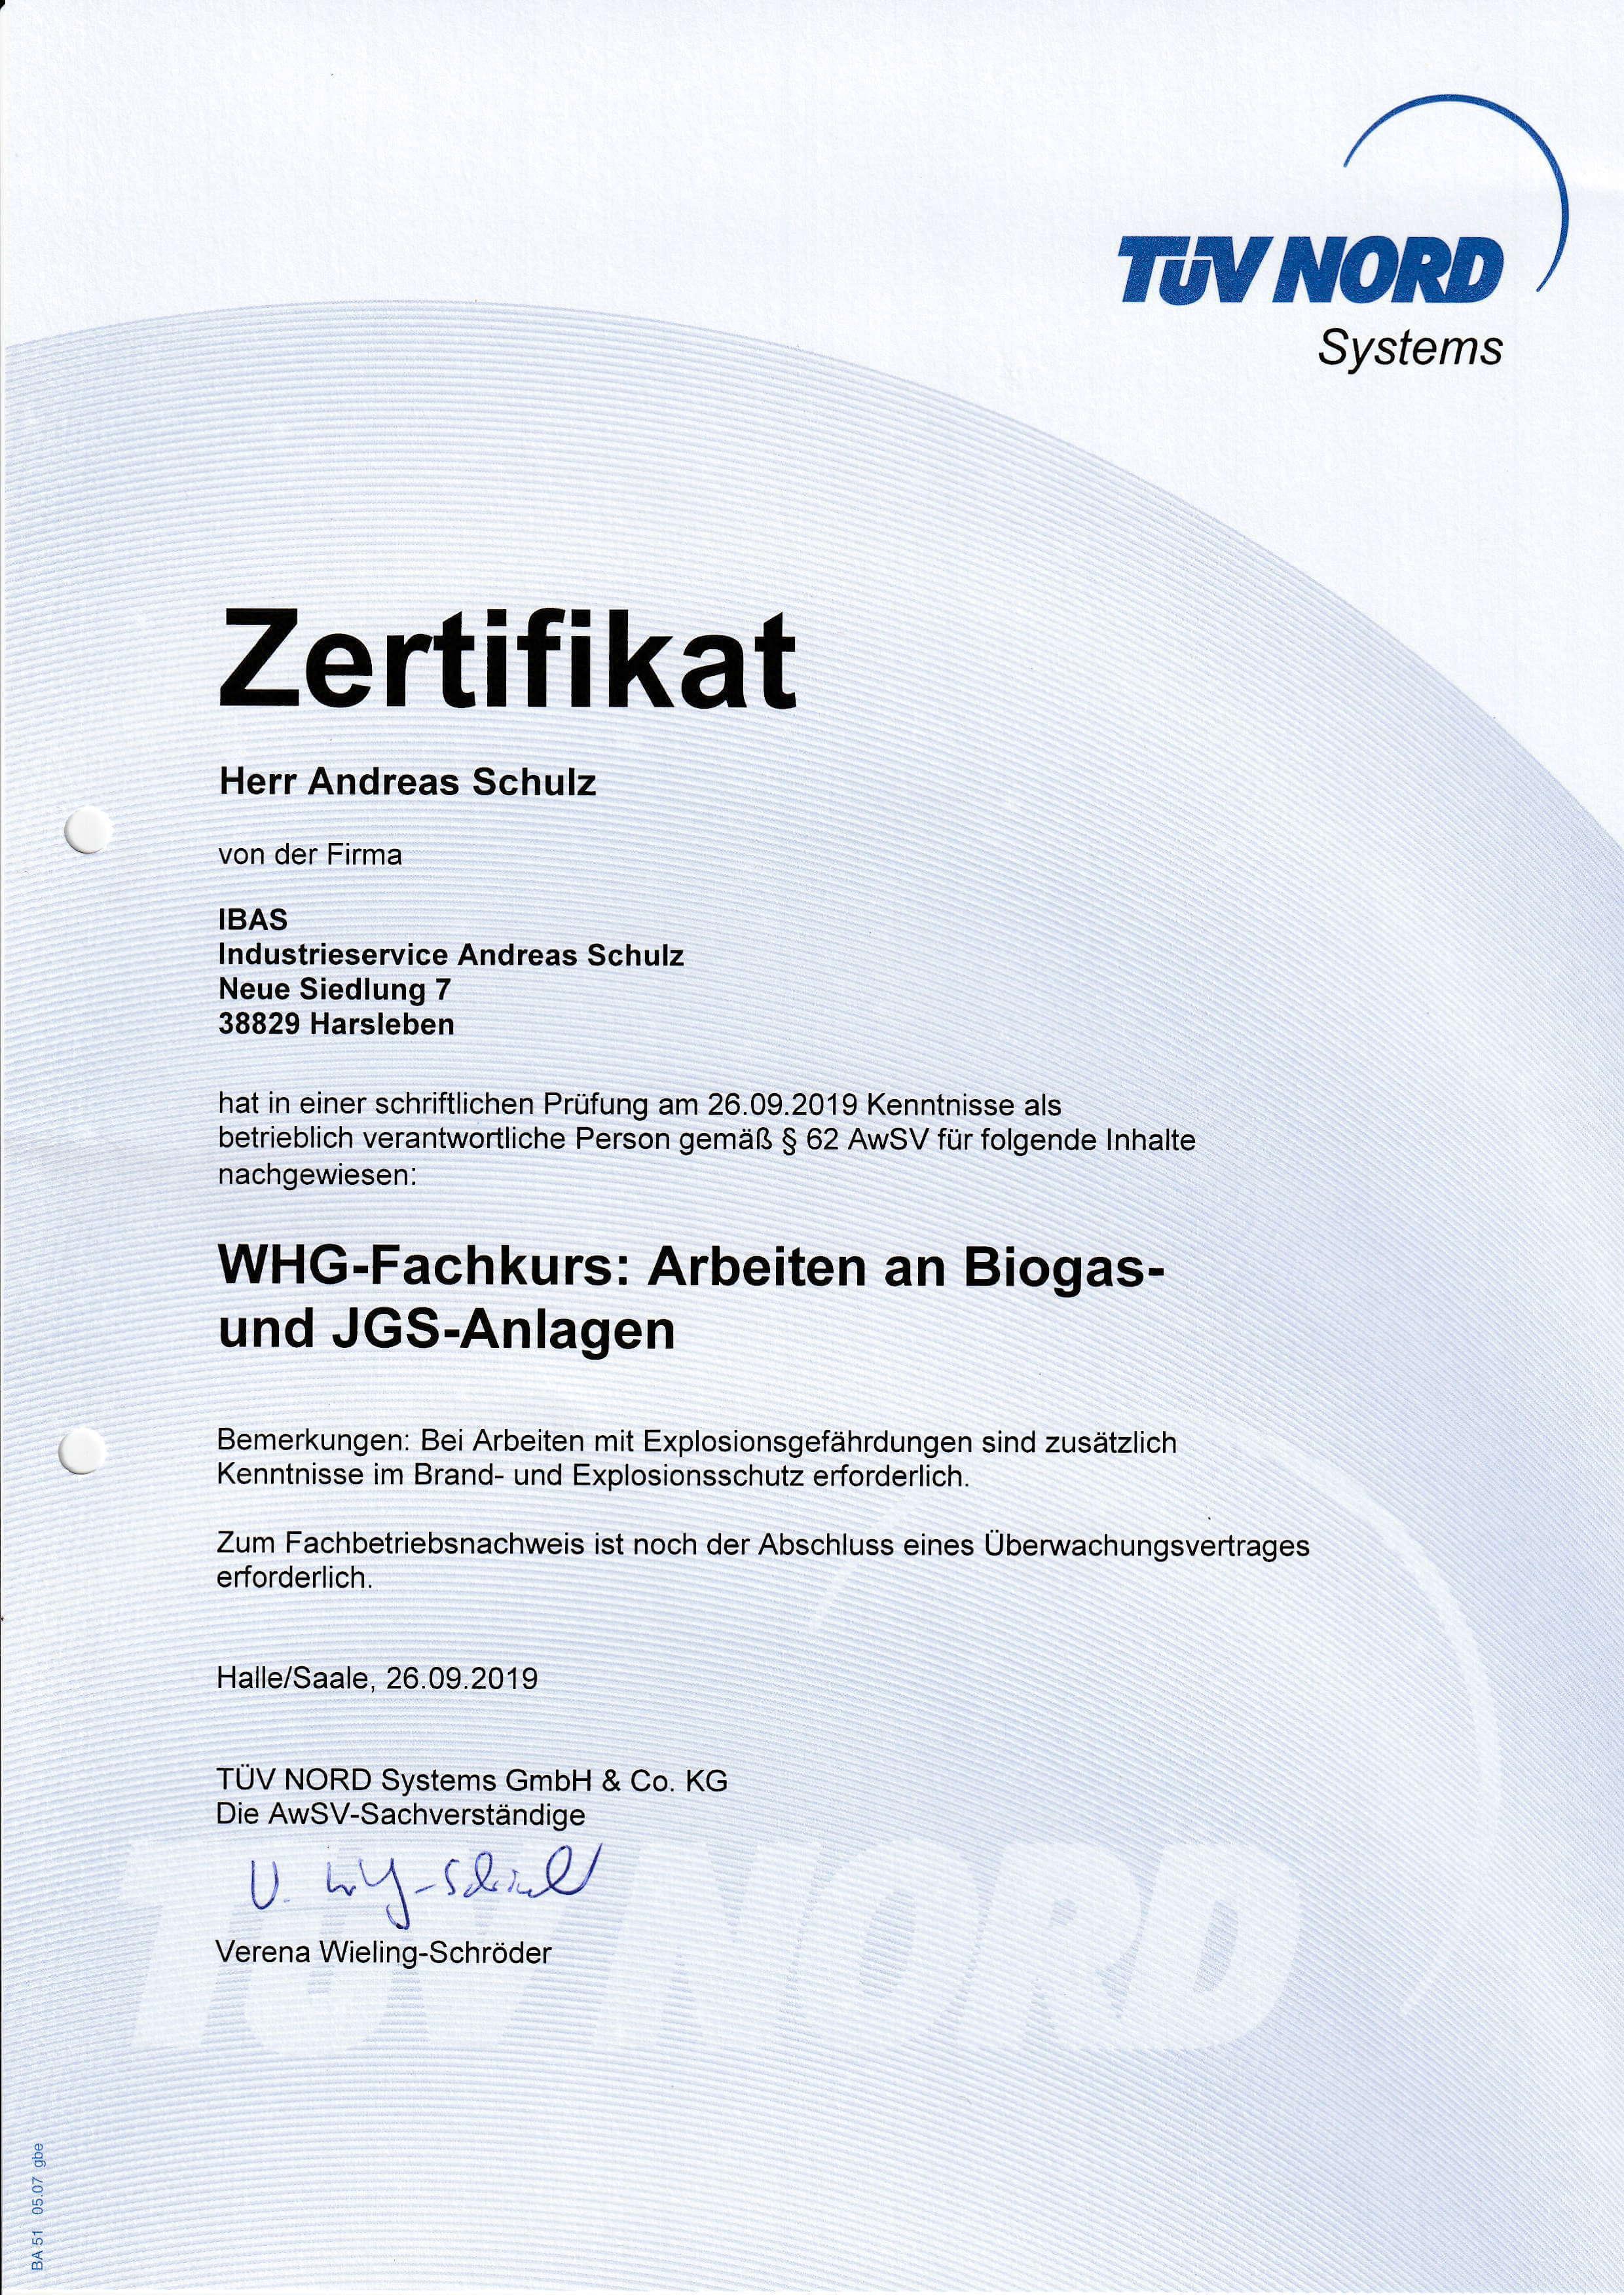 TÜV Nord Zertifikat über Arbeiten an Biogas- und JGS-Anlagen | IBAS Industrieberatung